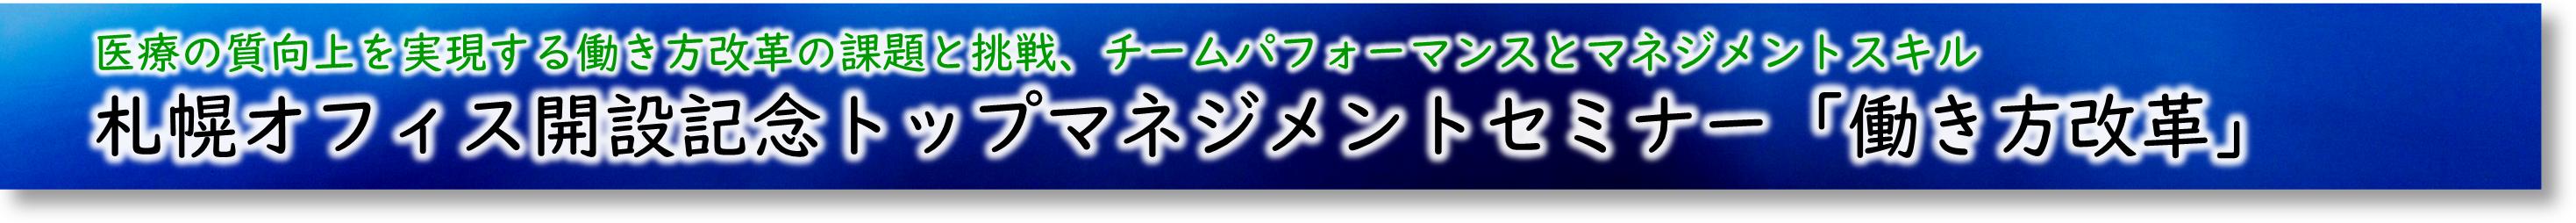 札幌トップマネジメントセミナー